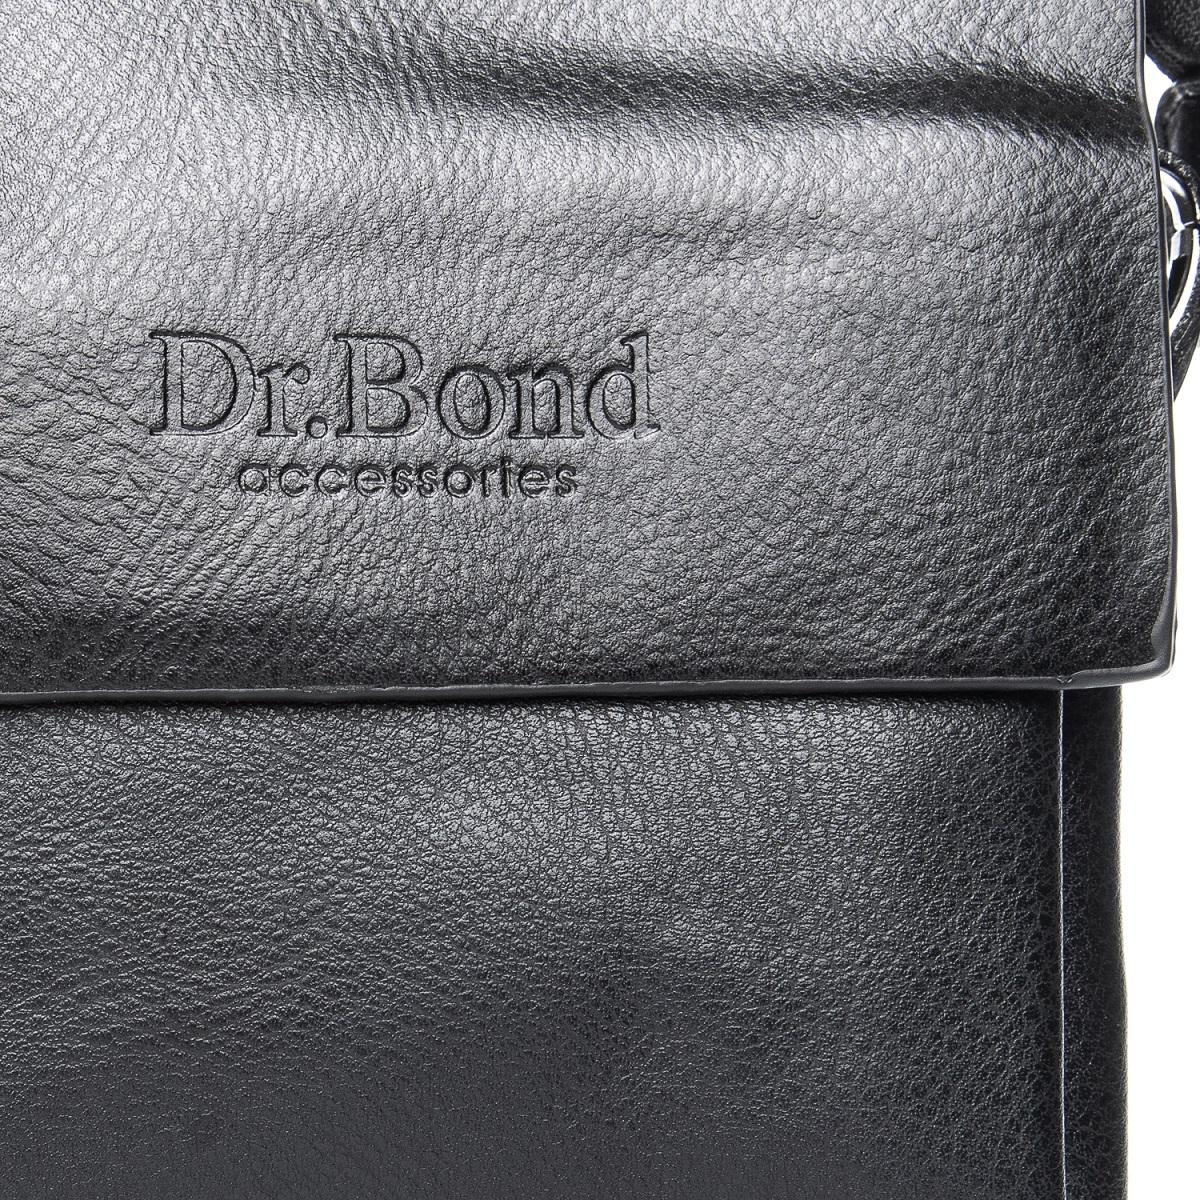 Сумка Мужская Планшет иск-кожа DR. BOND GL 314-0 black - фото 3